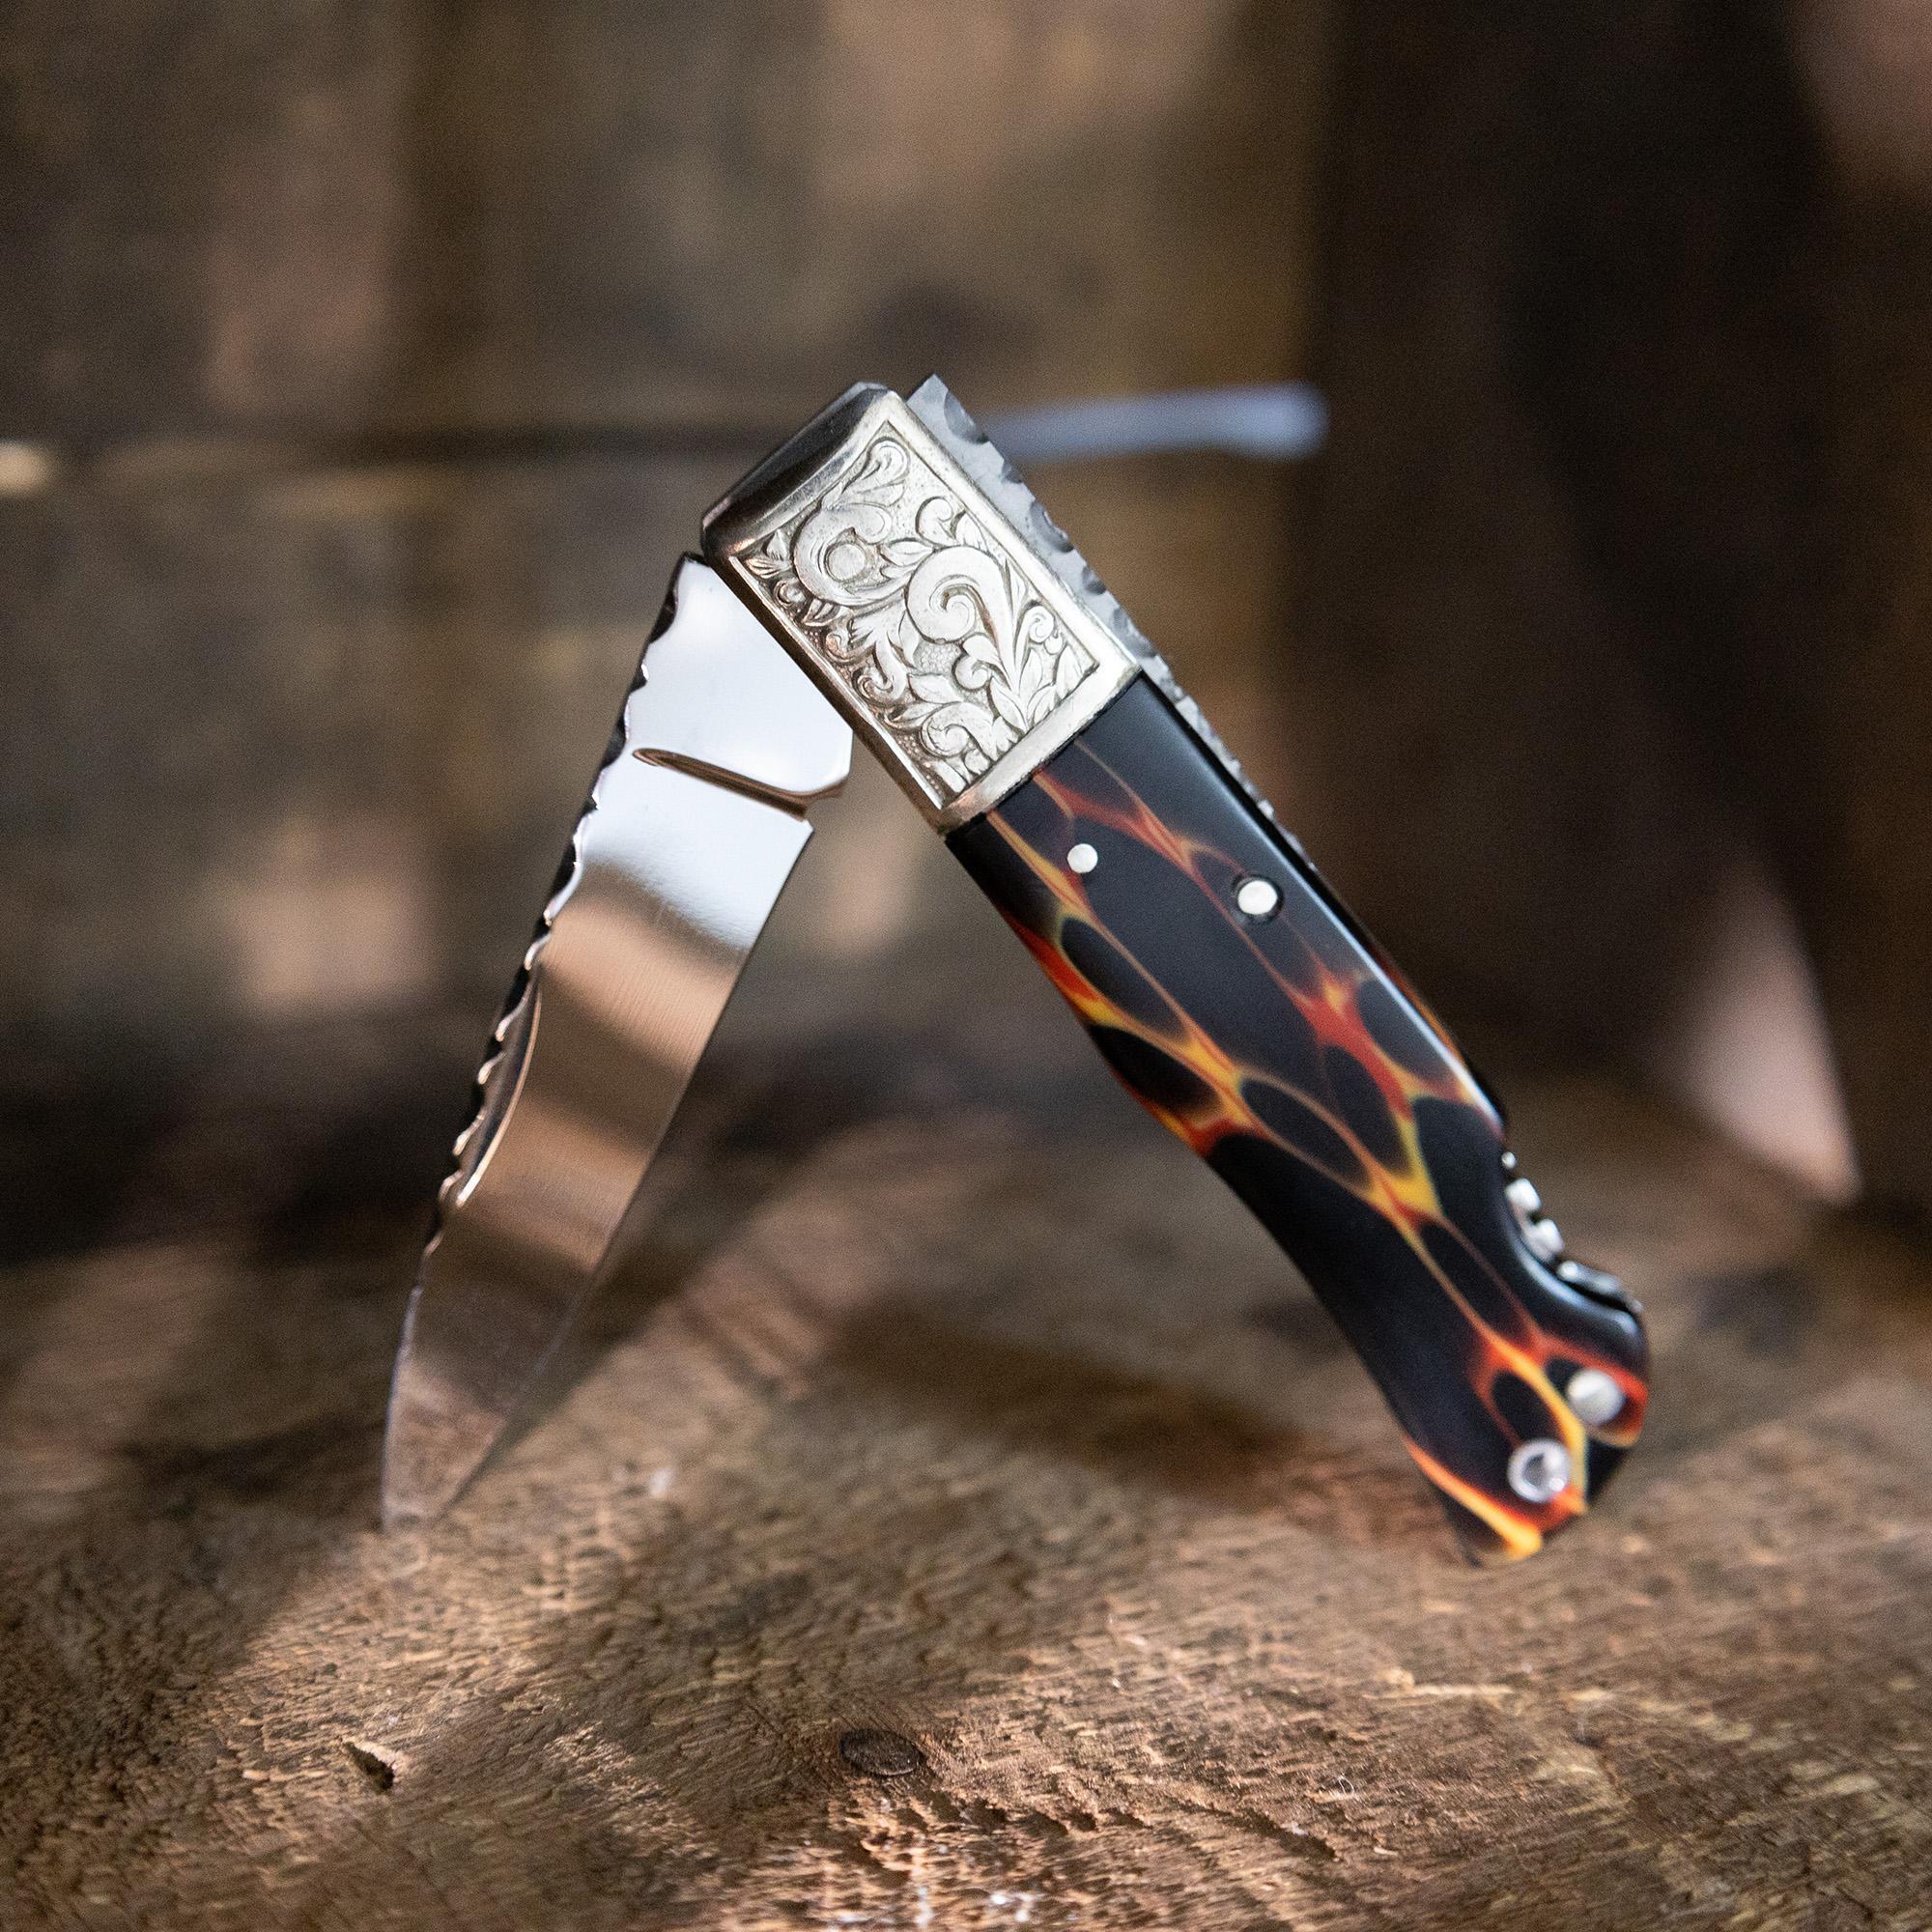 Polaris folding knife kit